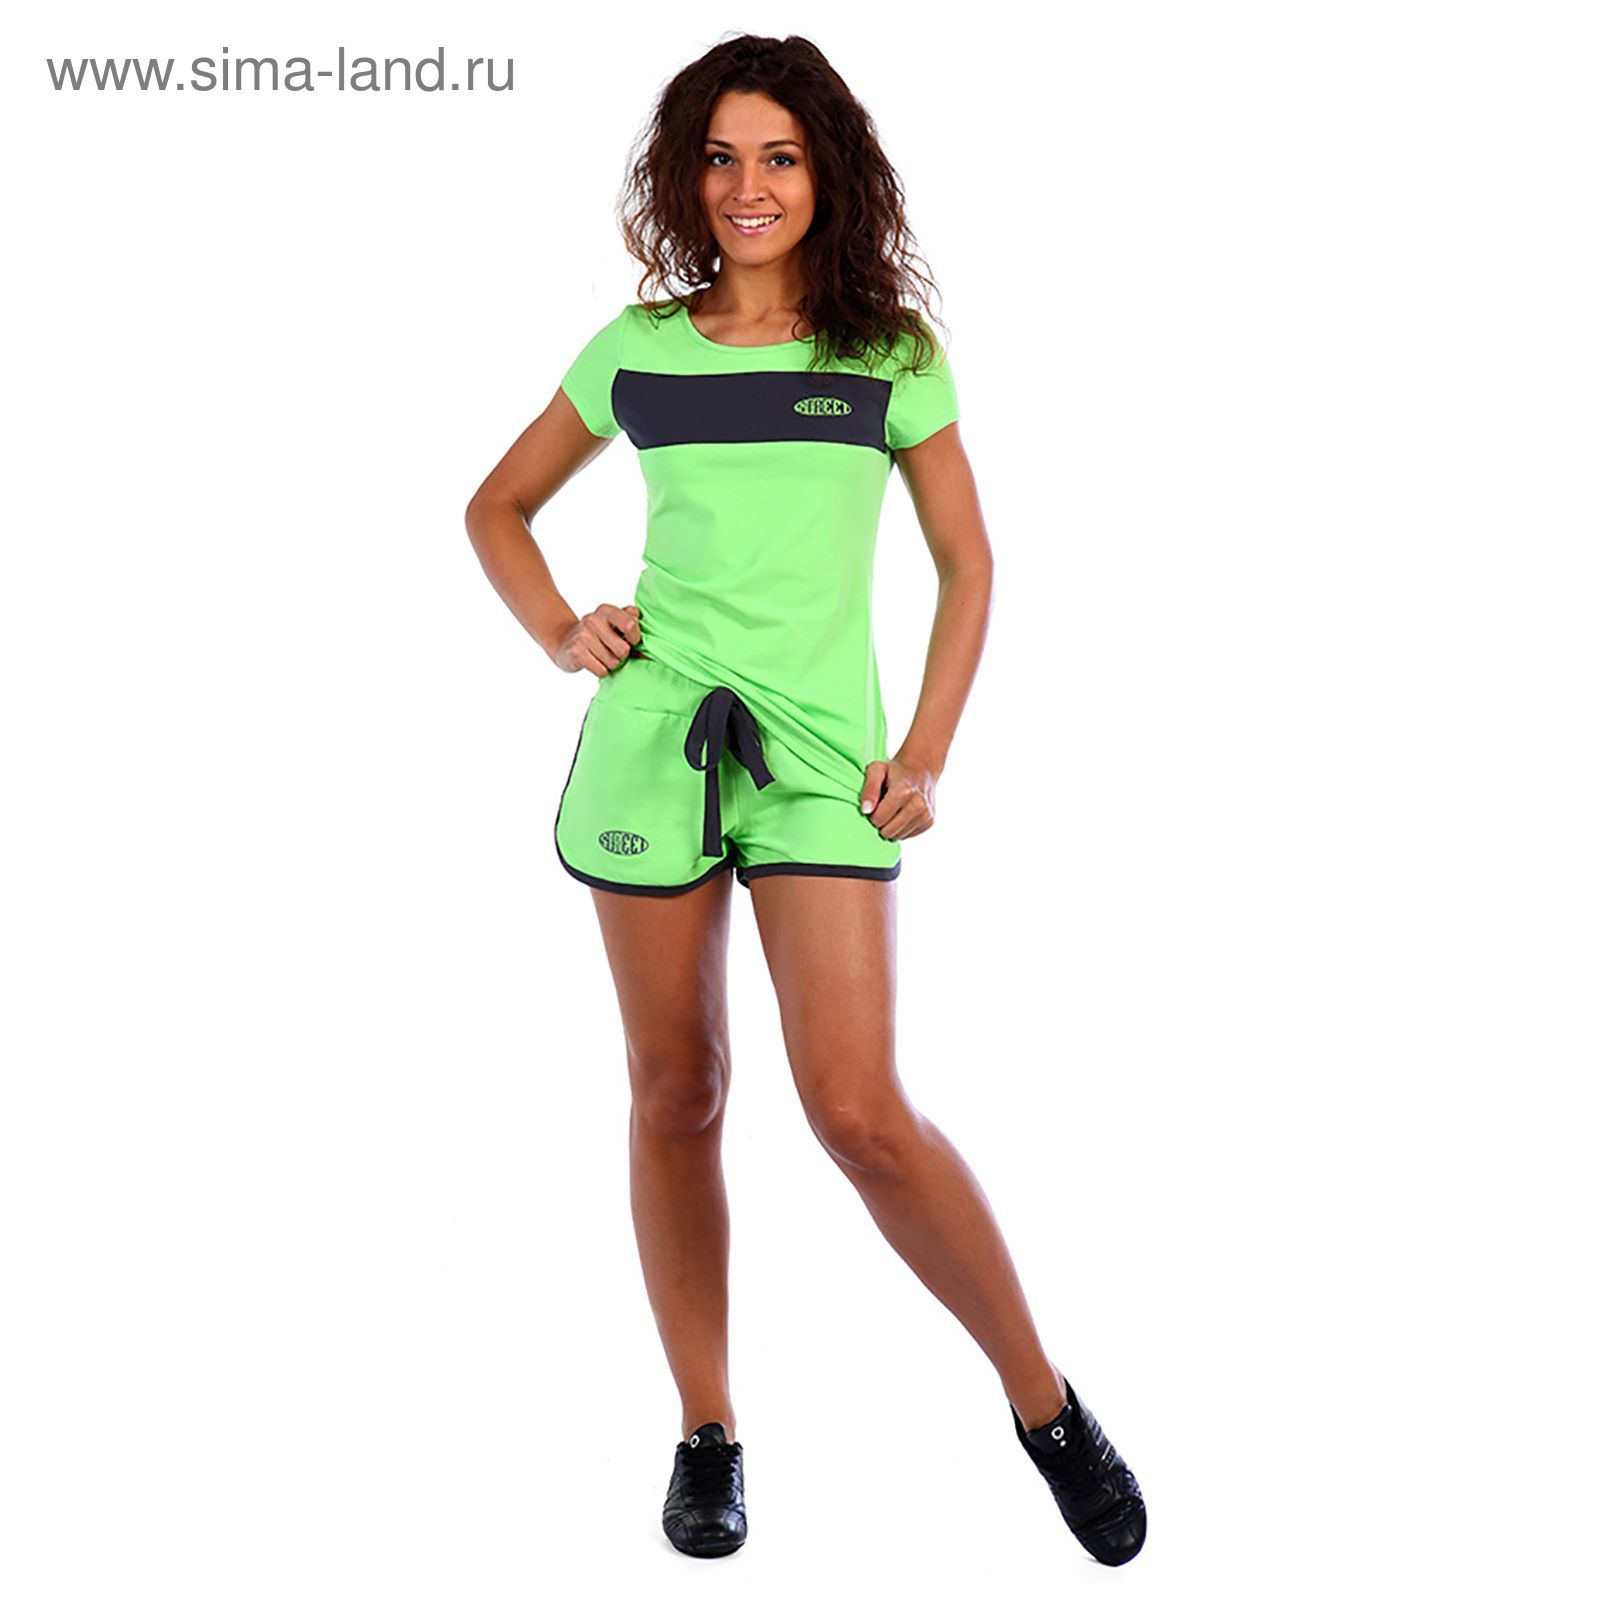 d7529e5a41bf Костюм женский (футболка, шорты) Доминика цвет салатовый, р-р 48 ...